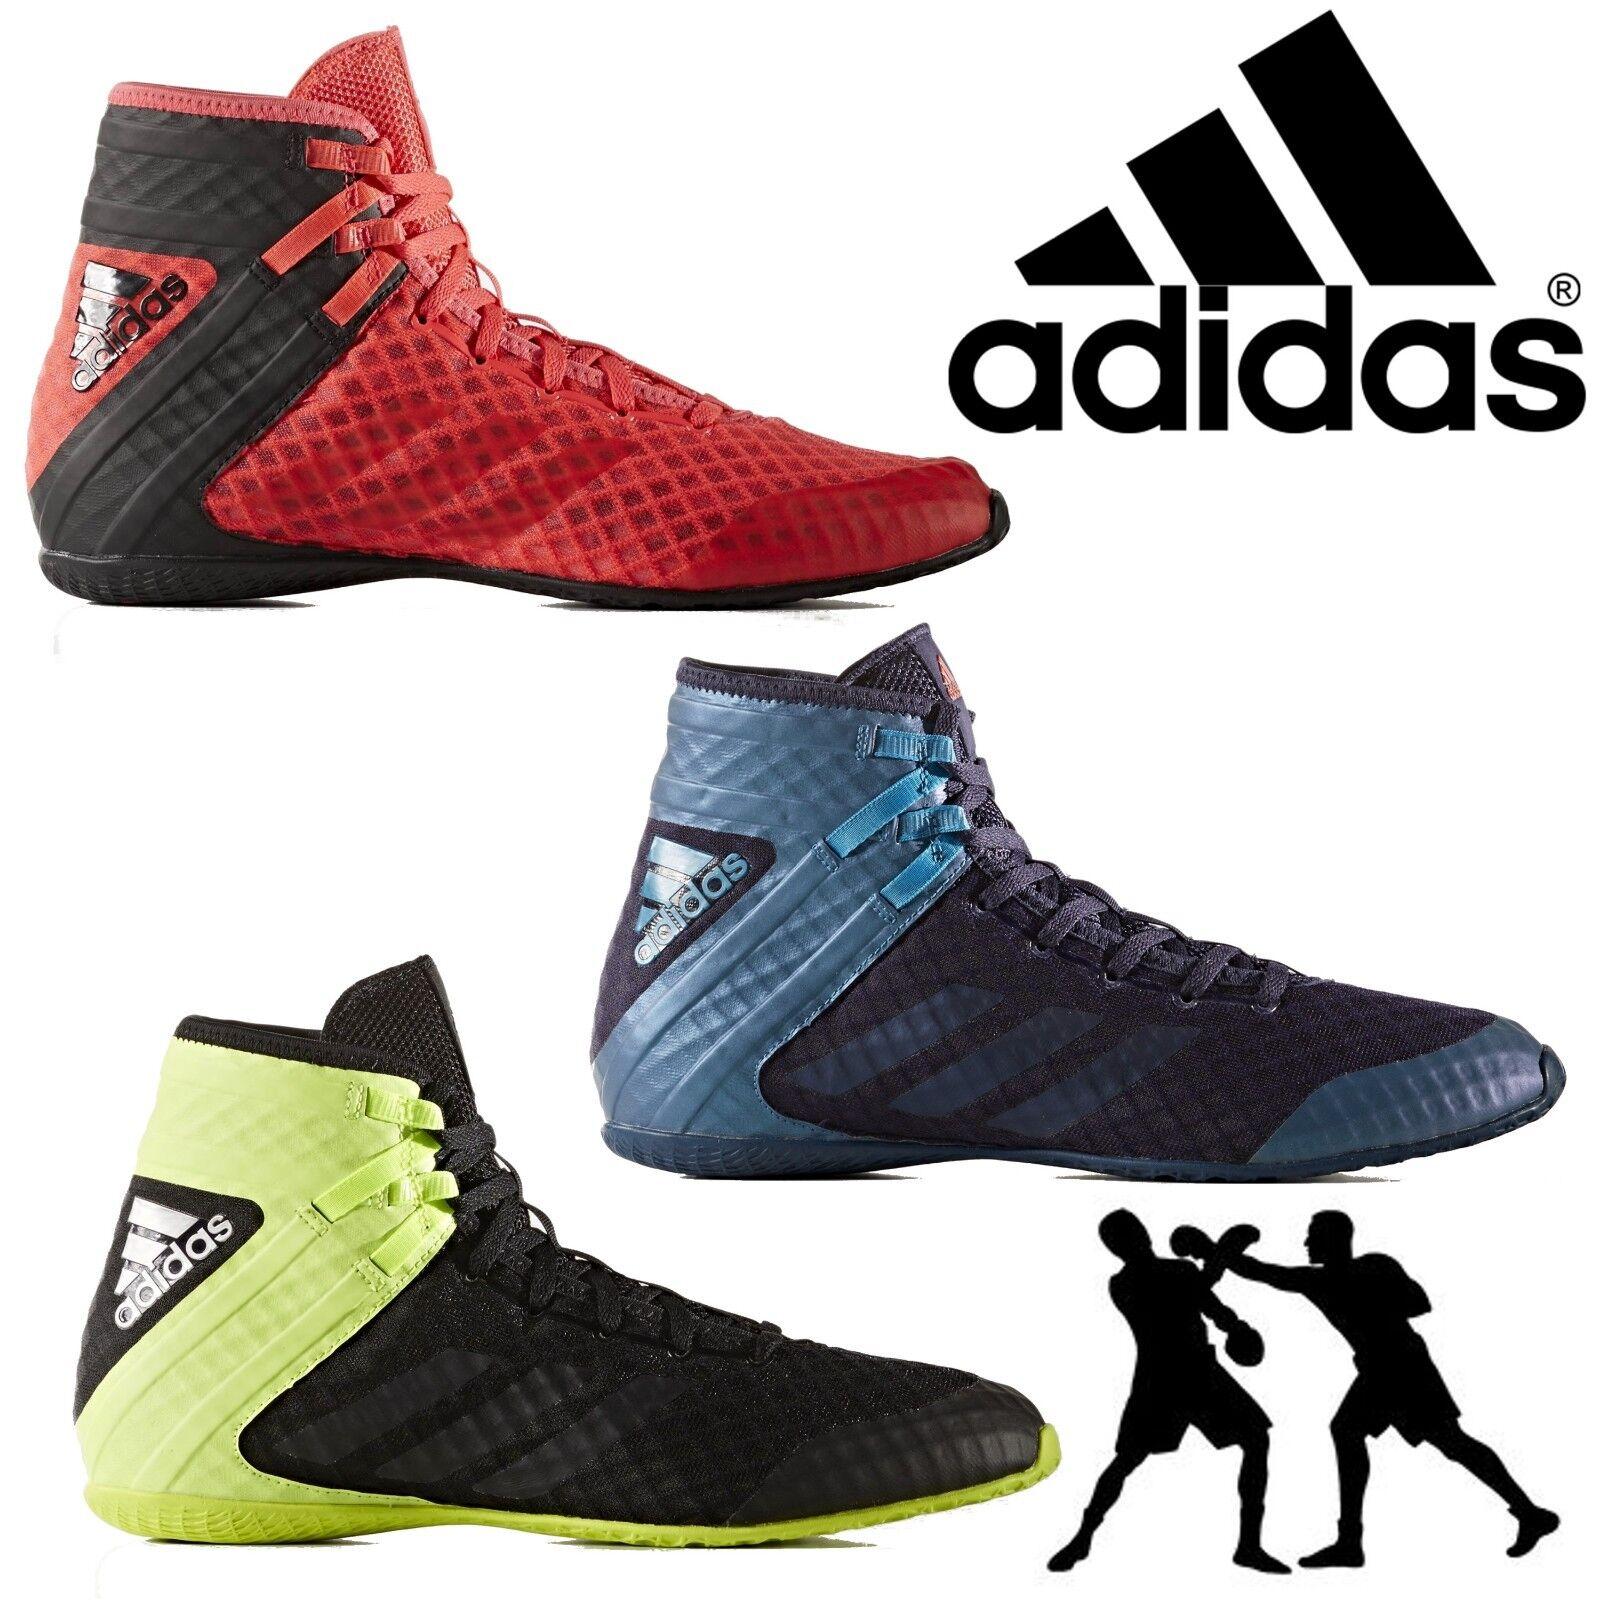 Adidas Botas De Boxeo Pro Speedex 16.1 para hombre Pro Boxeo Deportes Con Cordones Zapatillas Peso Ligero 18d35f